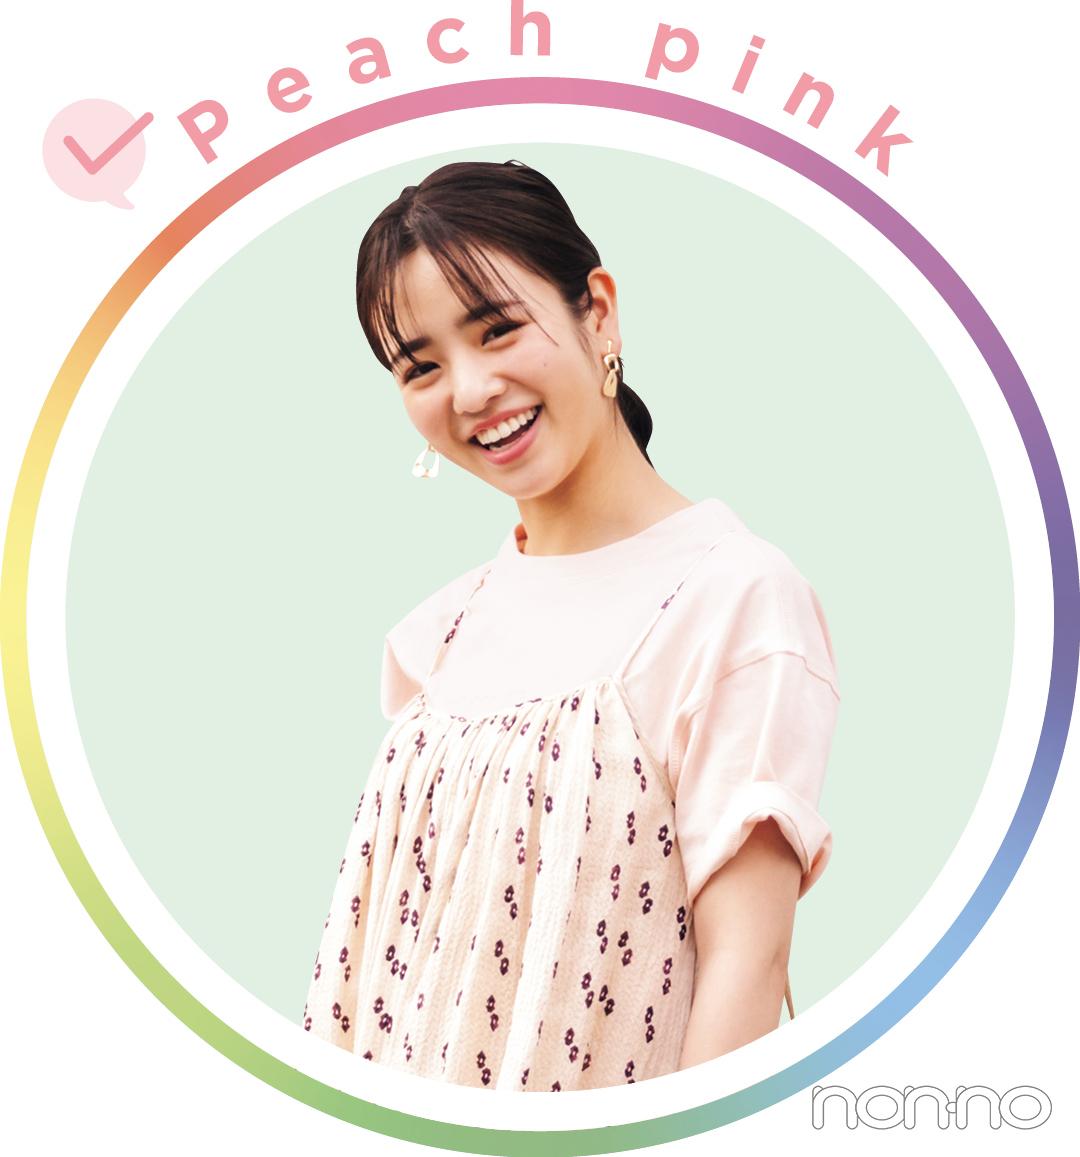 横田真悠が着るPeach pinkのTシャツコーデ9